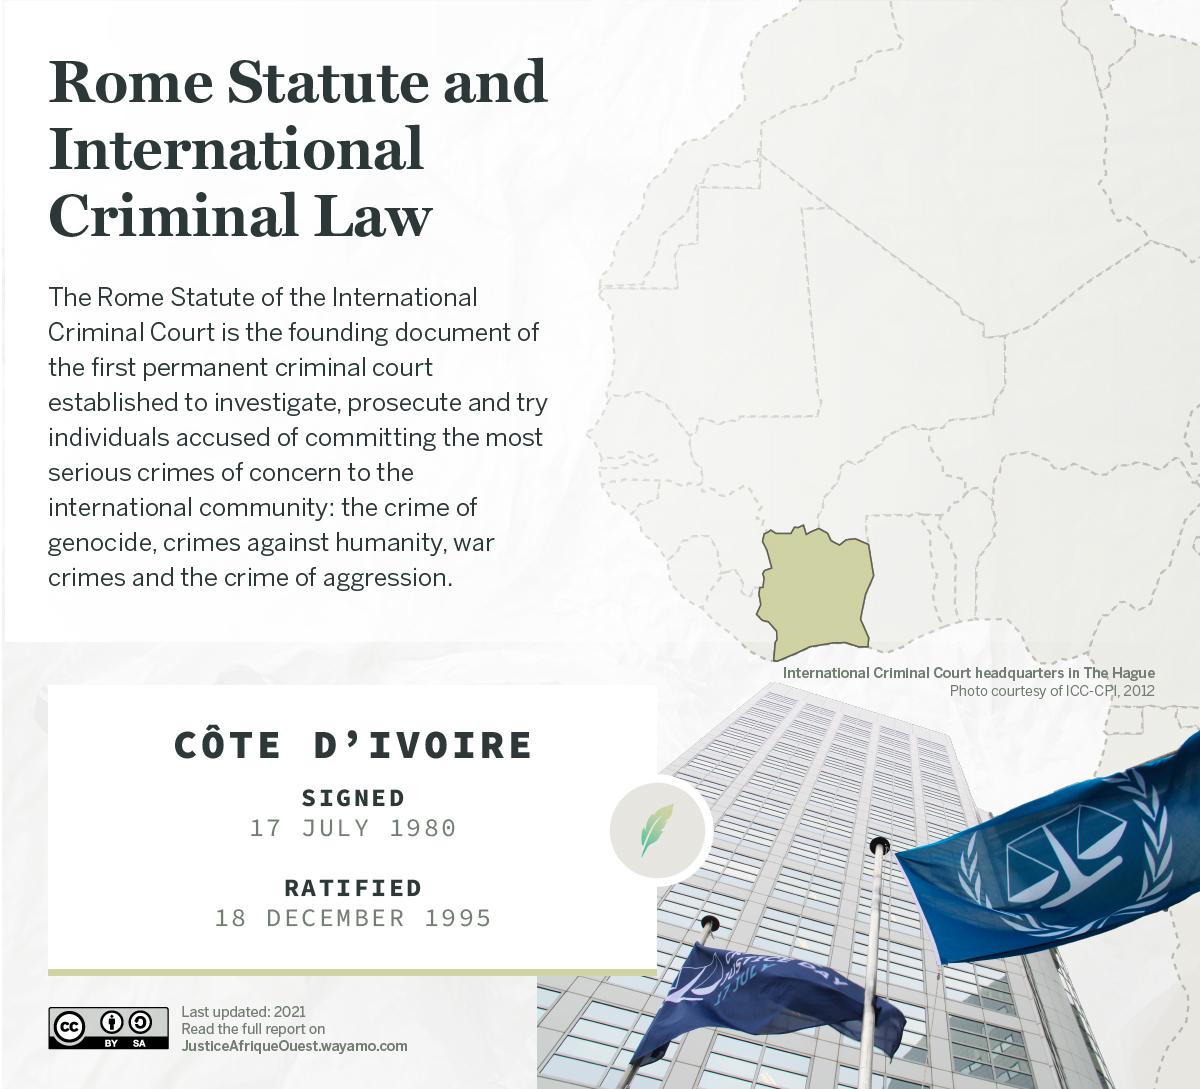 COTE D'IVOIRE_Rome Statute - Wayamo Foundation (CC BY-SA 4.0)